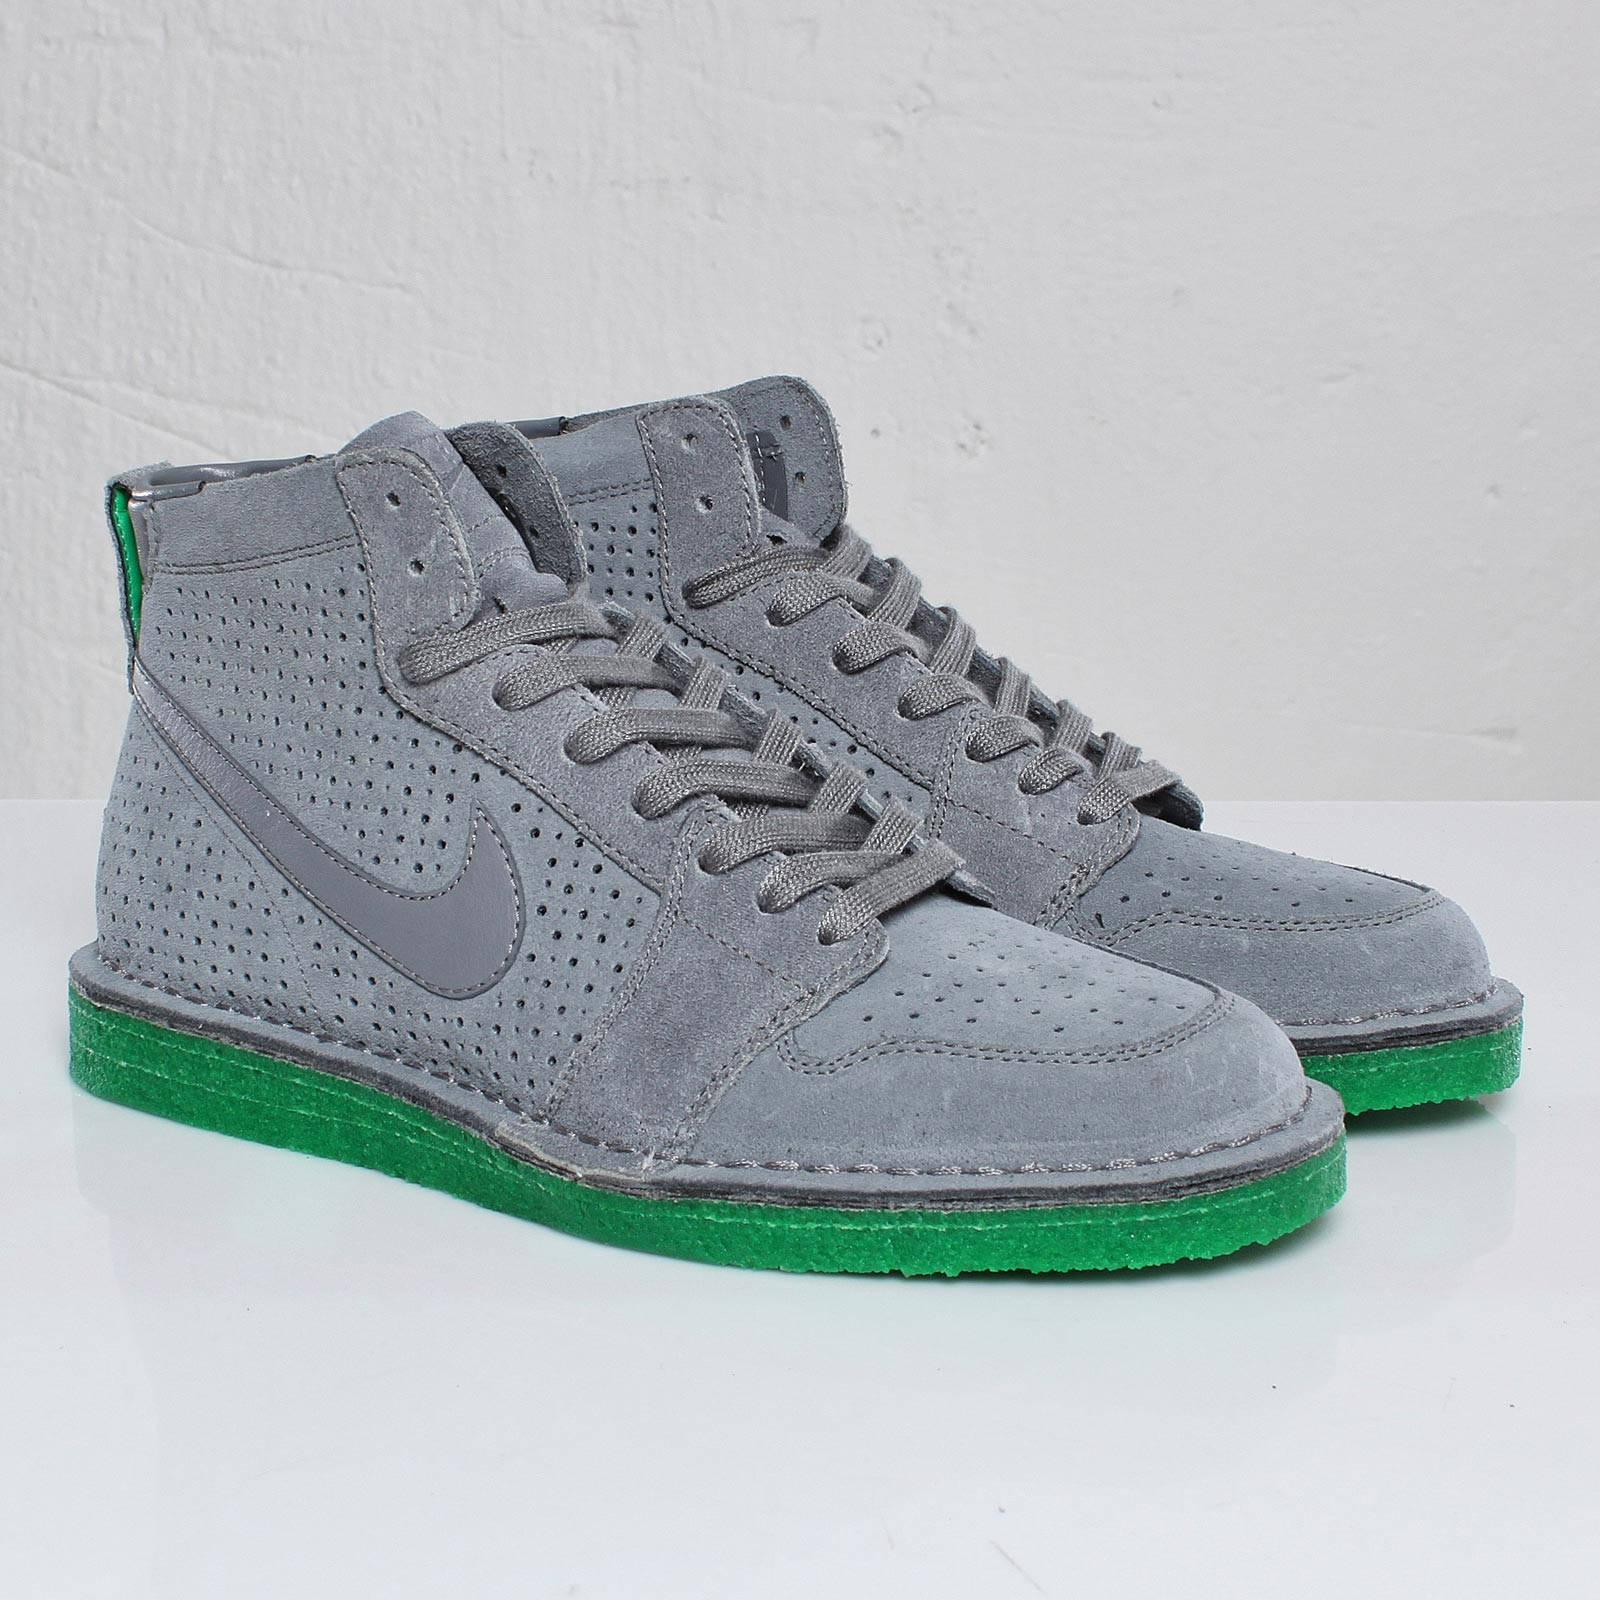 Nike Air Royal Mid SO TZ - 101648 - Sneakersnstuff  c455cf131